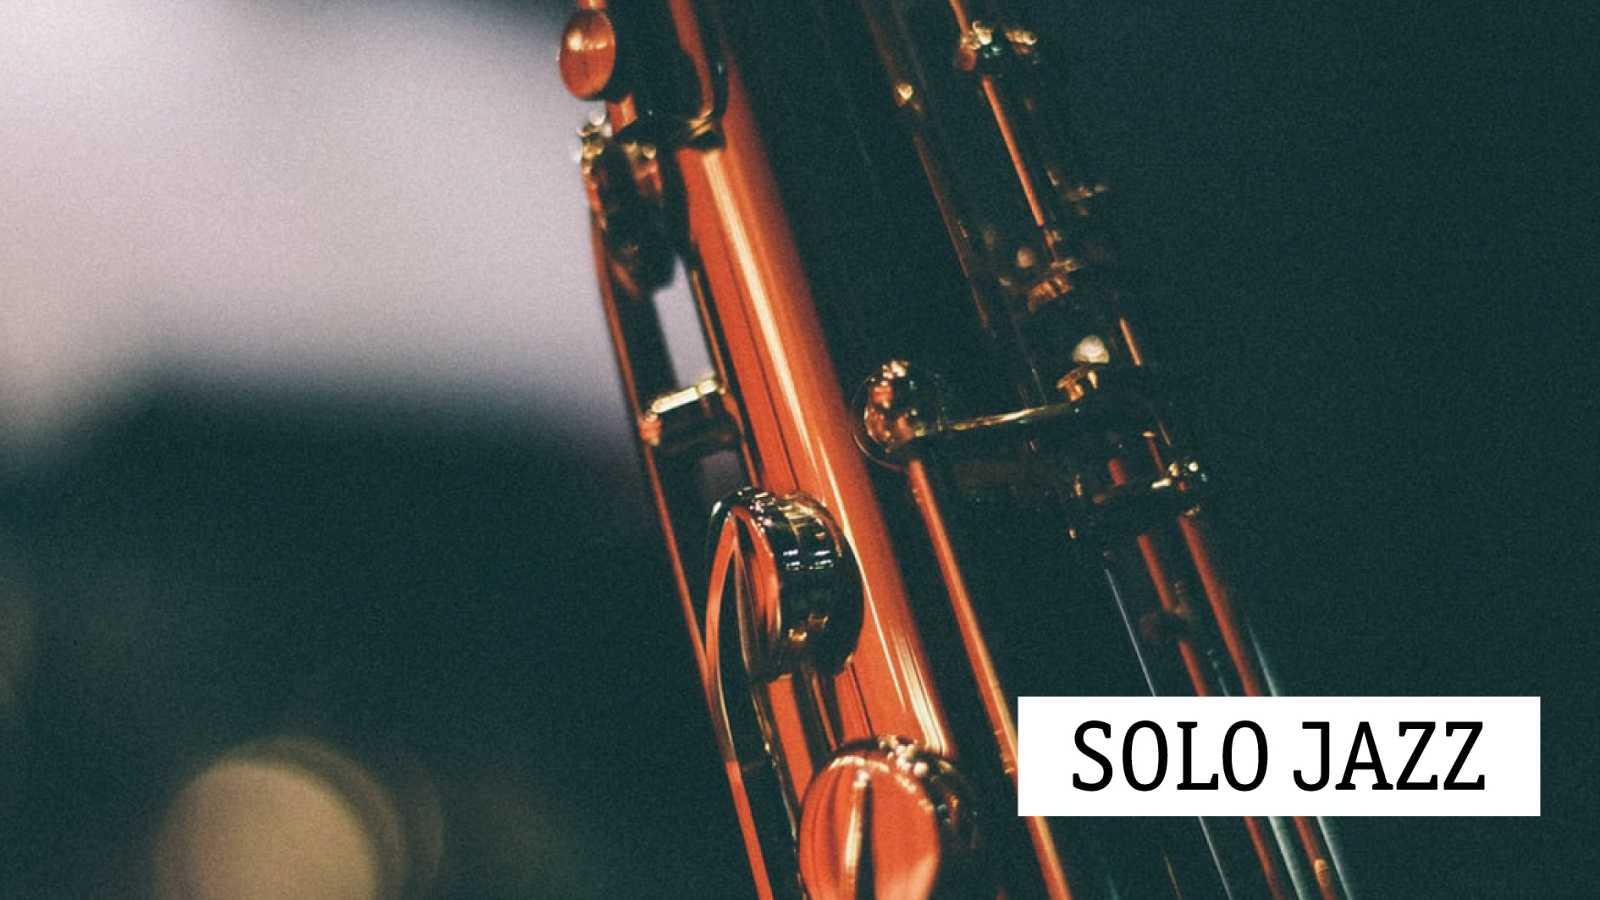 Solo jazz - El día que Duke Ellington visitó Upsala - 06/11/20 - escuchar ahora